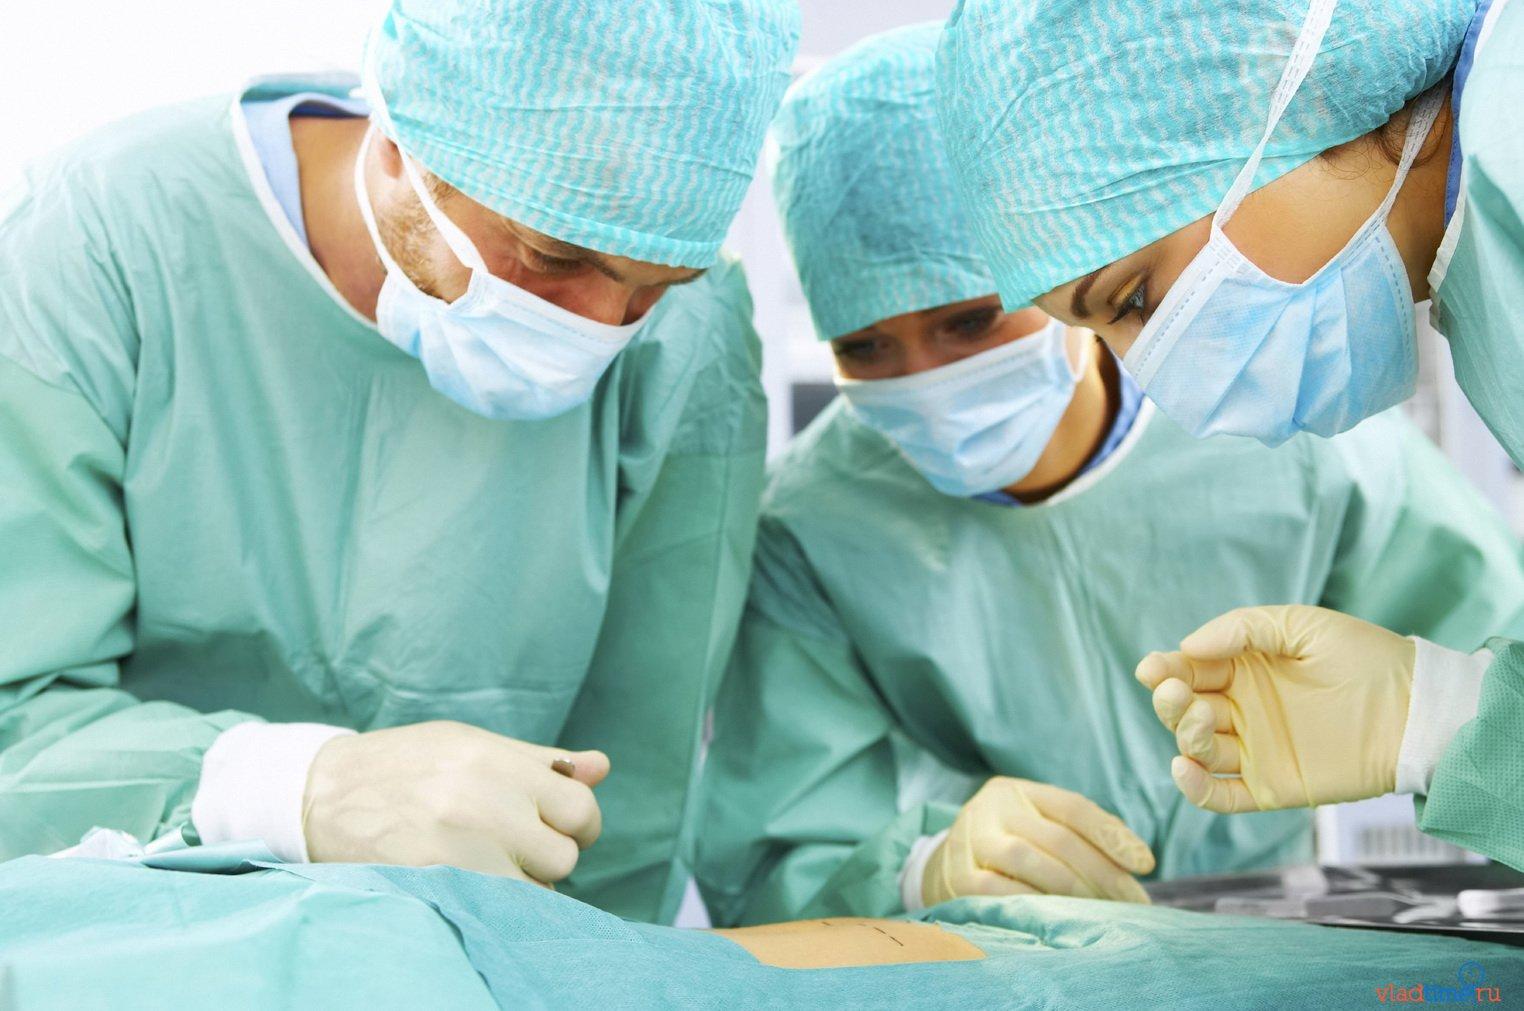 Процедура с врачихой рассказ 26 фотография